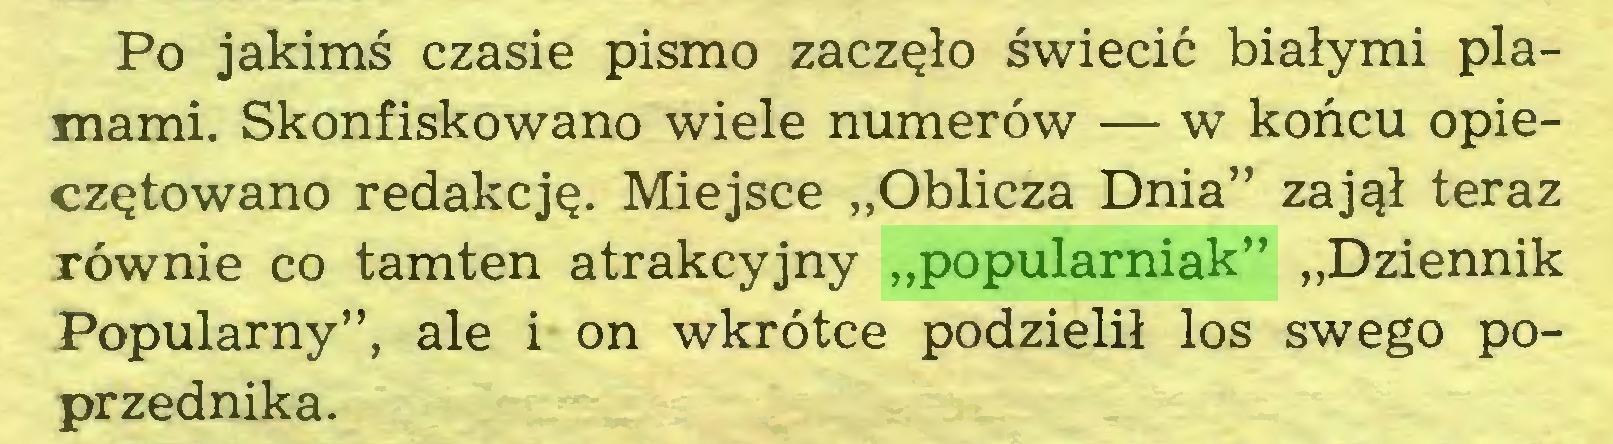 """(...) Po jakimś czasie pismo zaczęło świecić białymi plamami. Skonfiskowano wiele numerów — w końcu opieczętowano redakcję. Miejsce """"Oblicza Dnia"""" zajął teraz równie co tamten atrakcyjny """"popularniak"""" """"Dziennik Popularny"""", ale i on wkrótce podzielił los swego poprzednika..."""